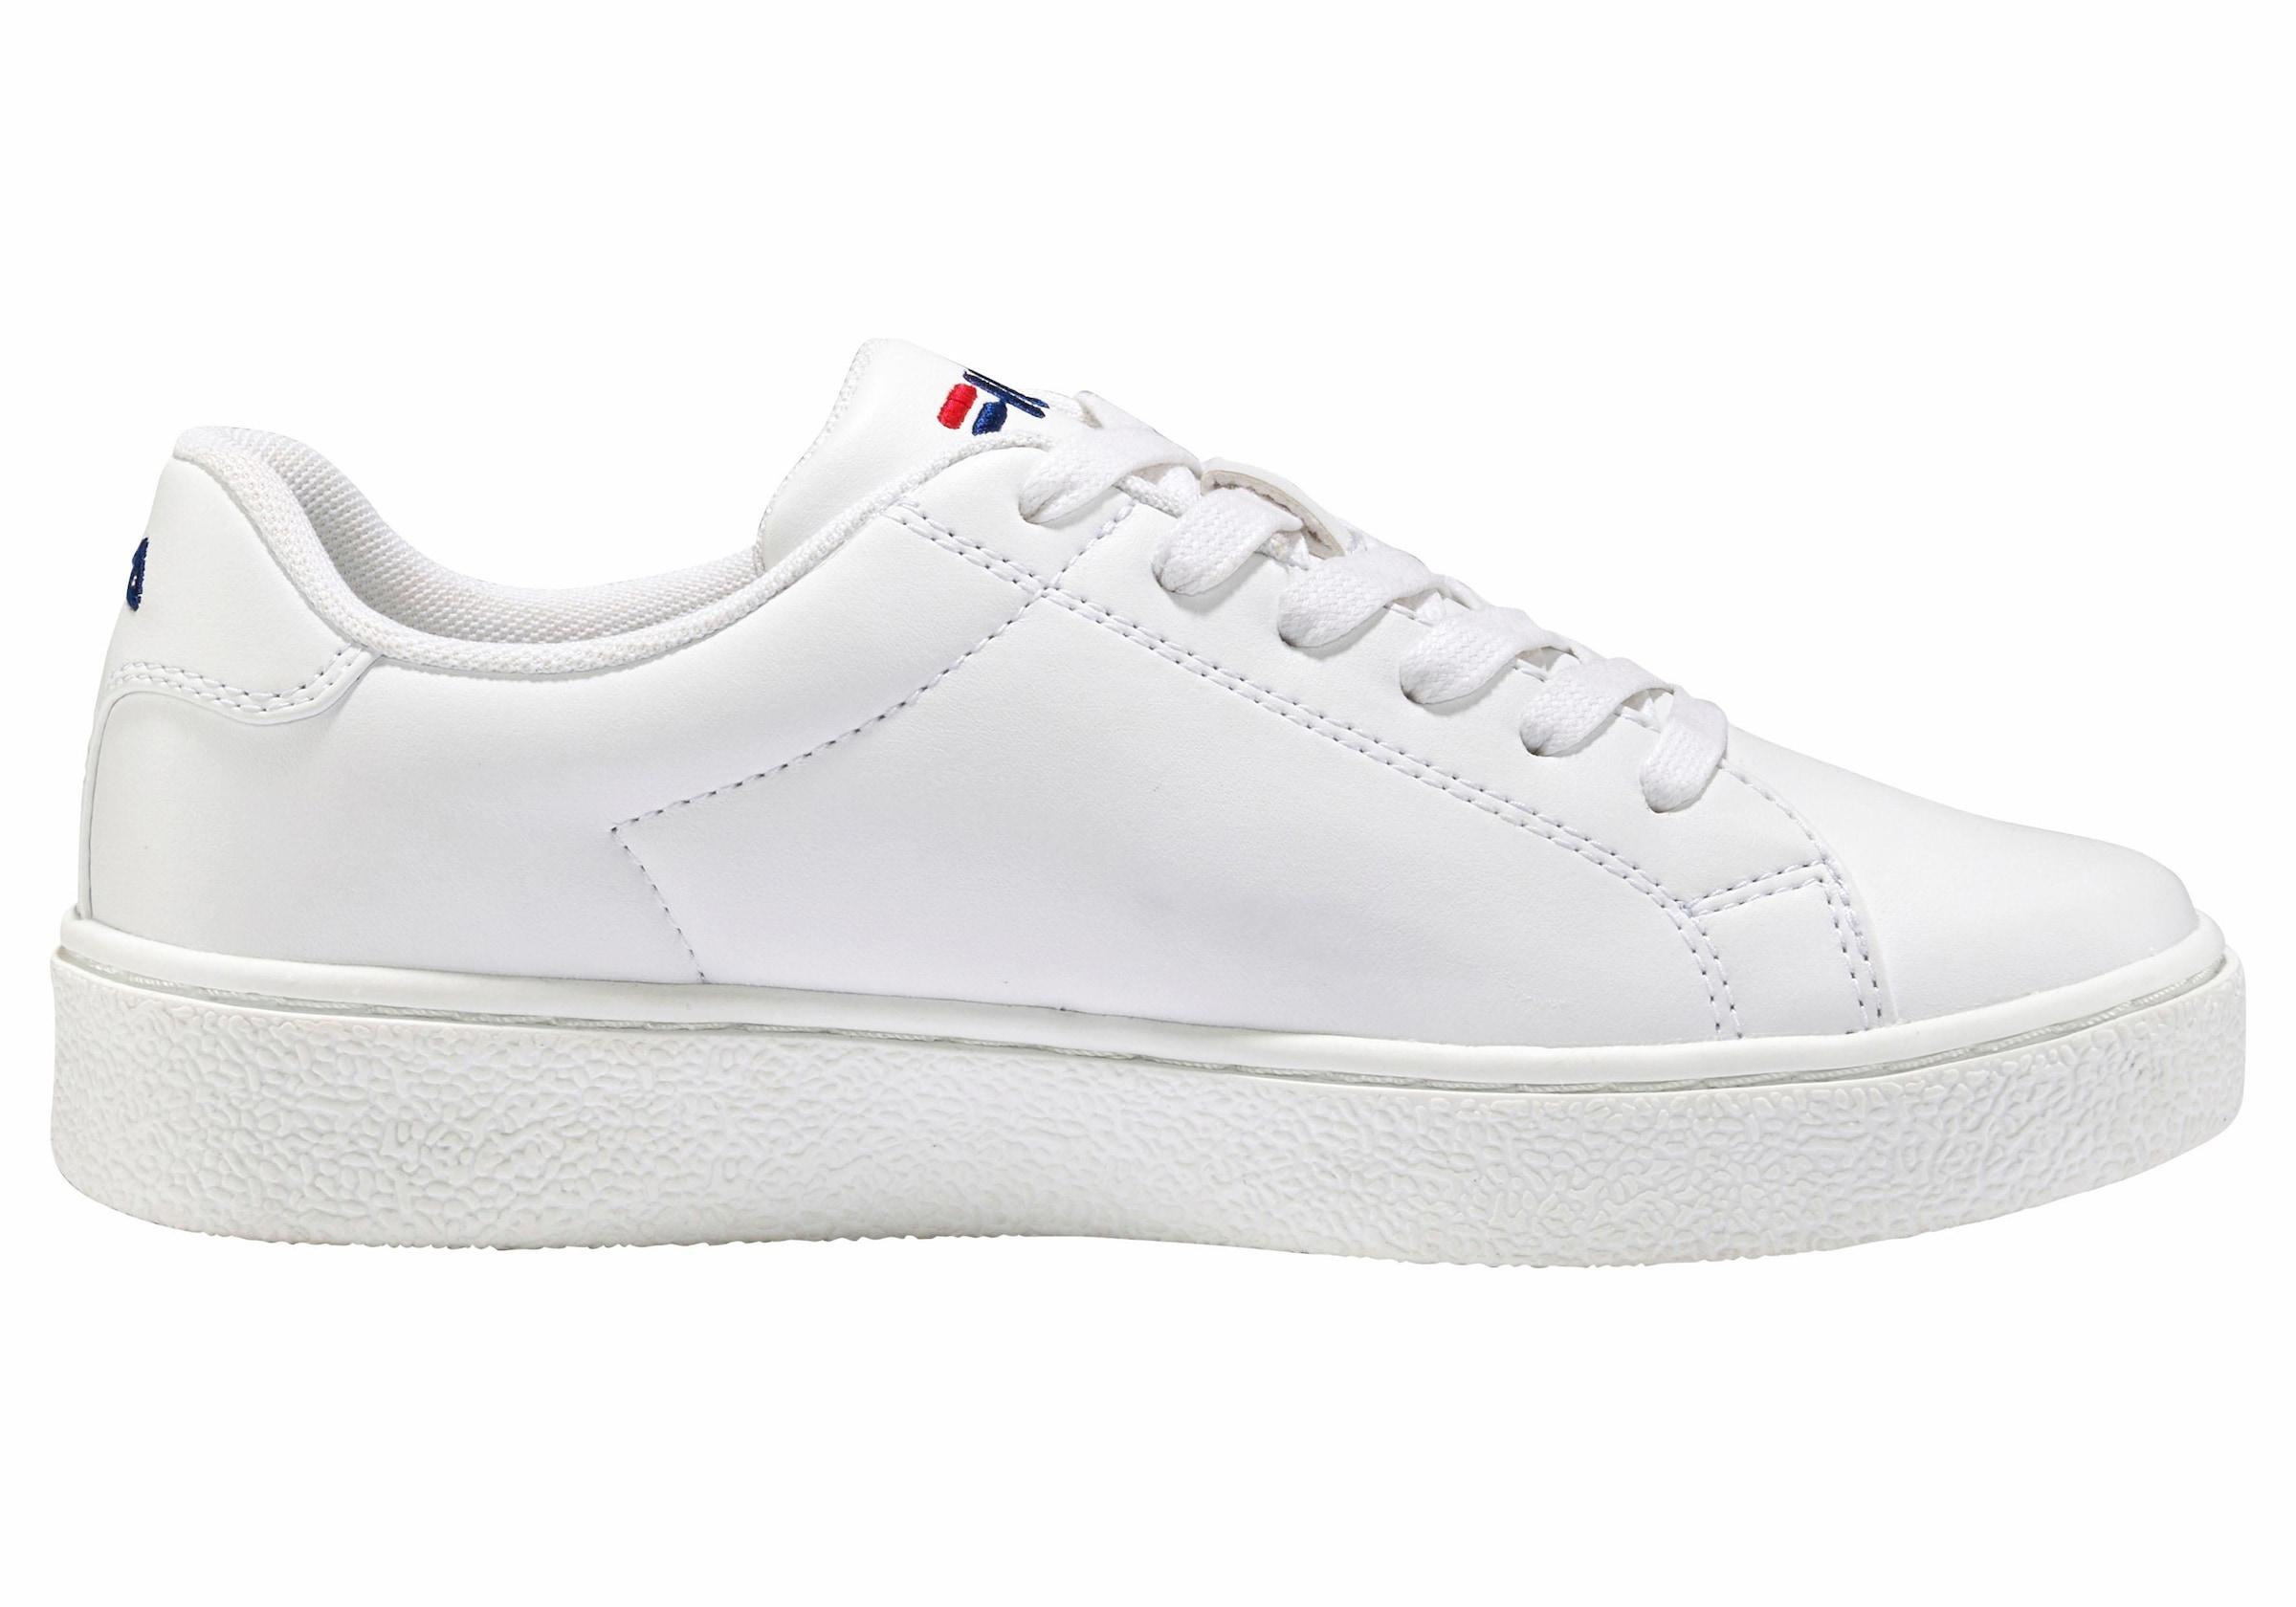 Fila Sneaker Upstage Low Wmn online kaufen | Gutes Gutes Gutes Preis-Leistungs-Verhältnis, es lohnt sich 966a69